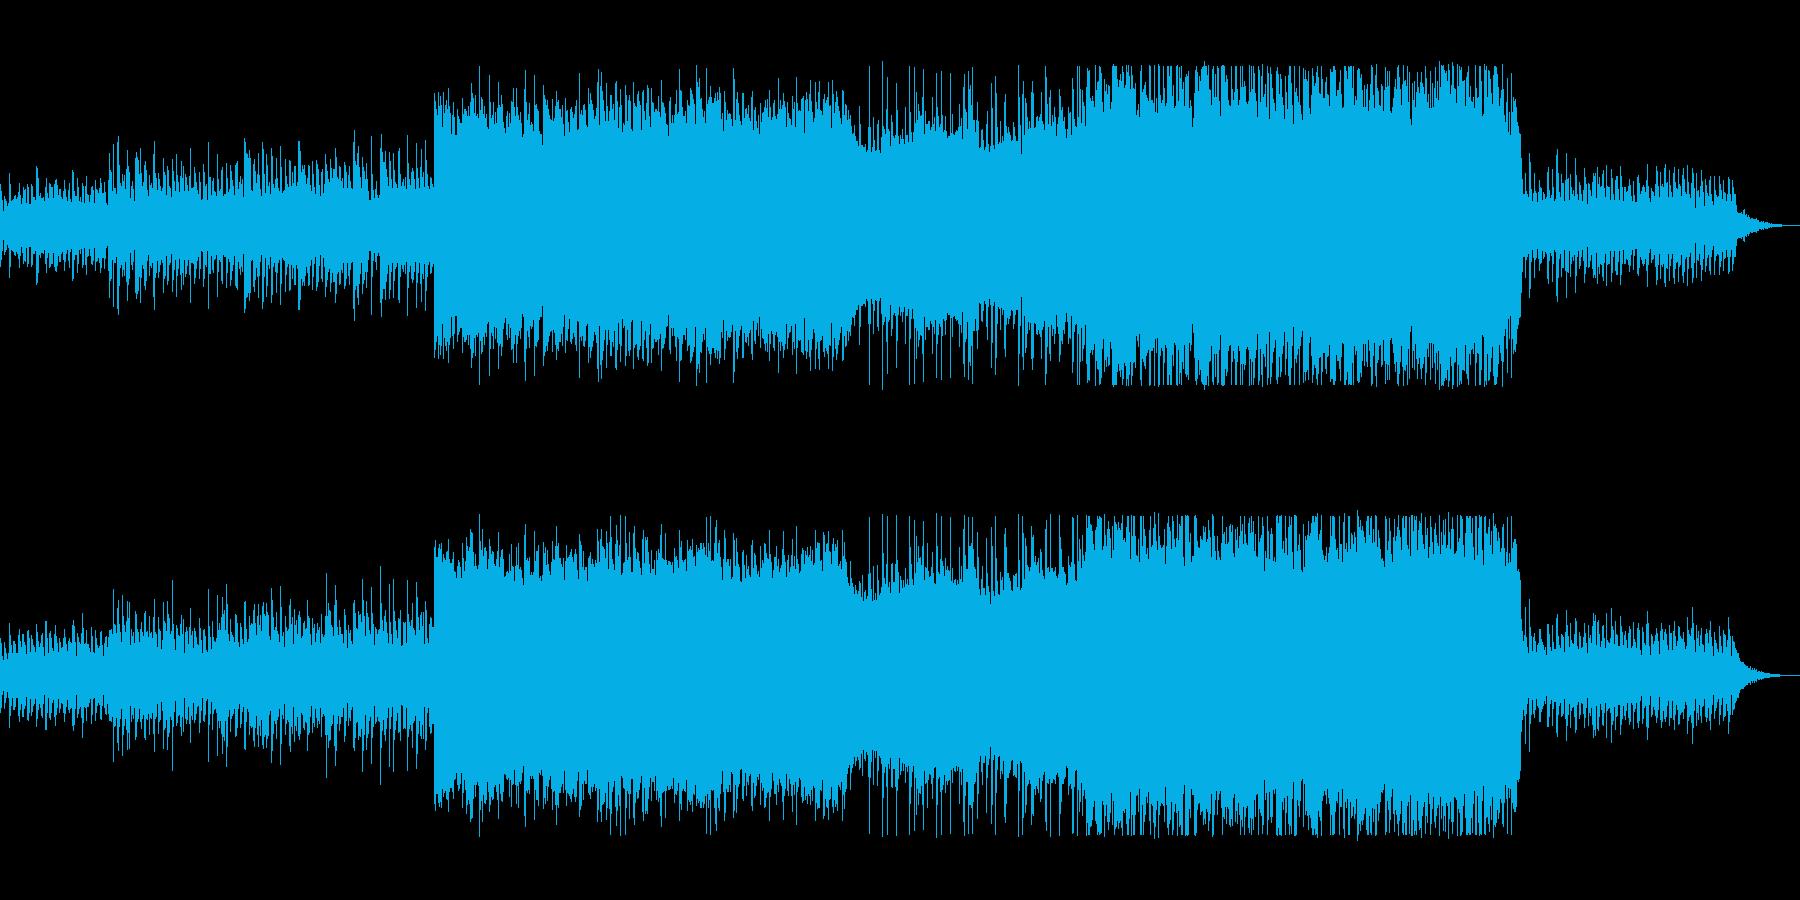 おしゃれファンタジーな弦楽器シンセの再生済みの波形